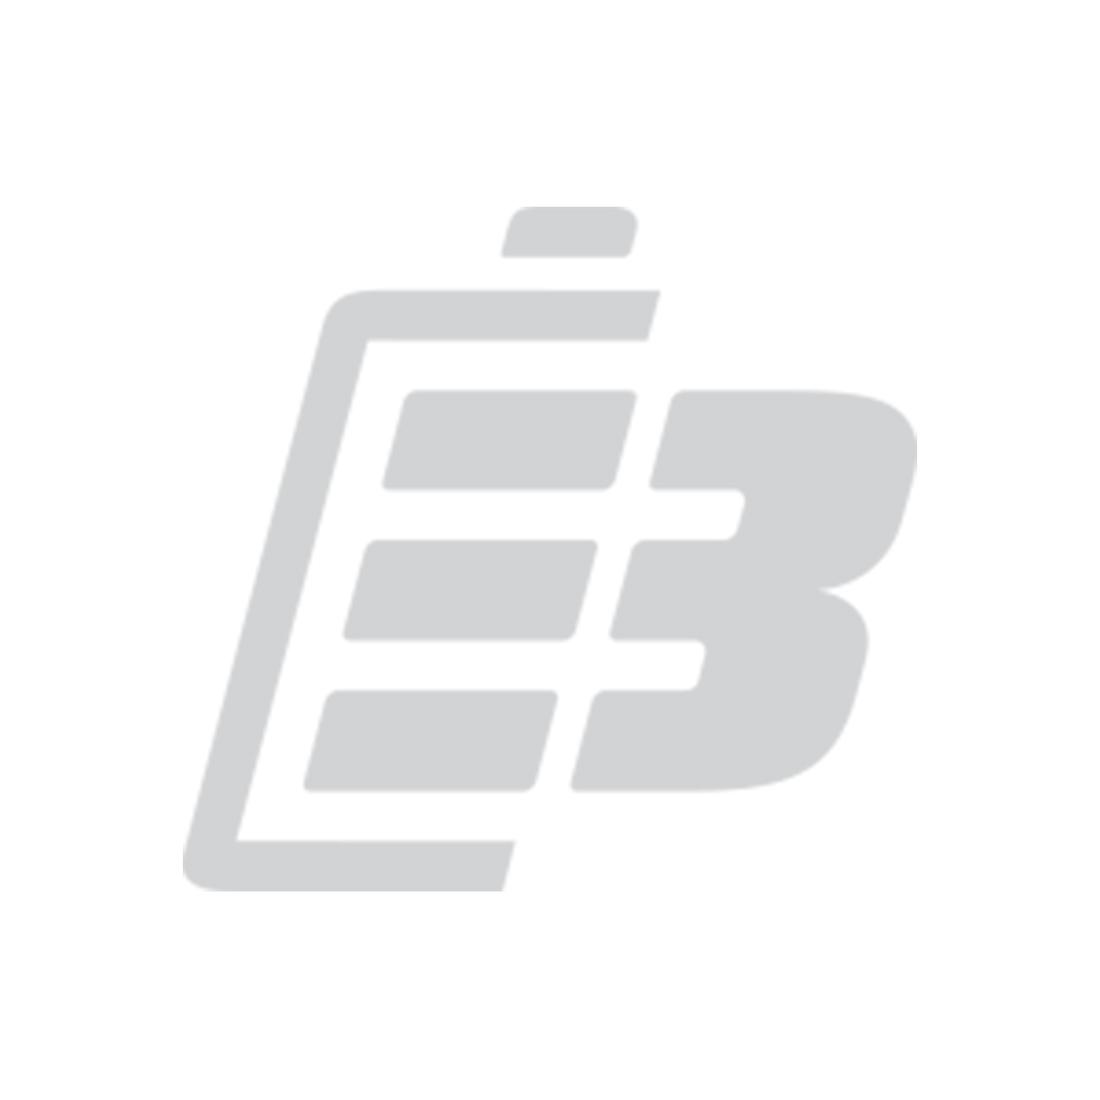 Μπαταρία Αλκαλική AAAA Energizer